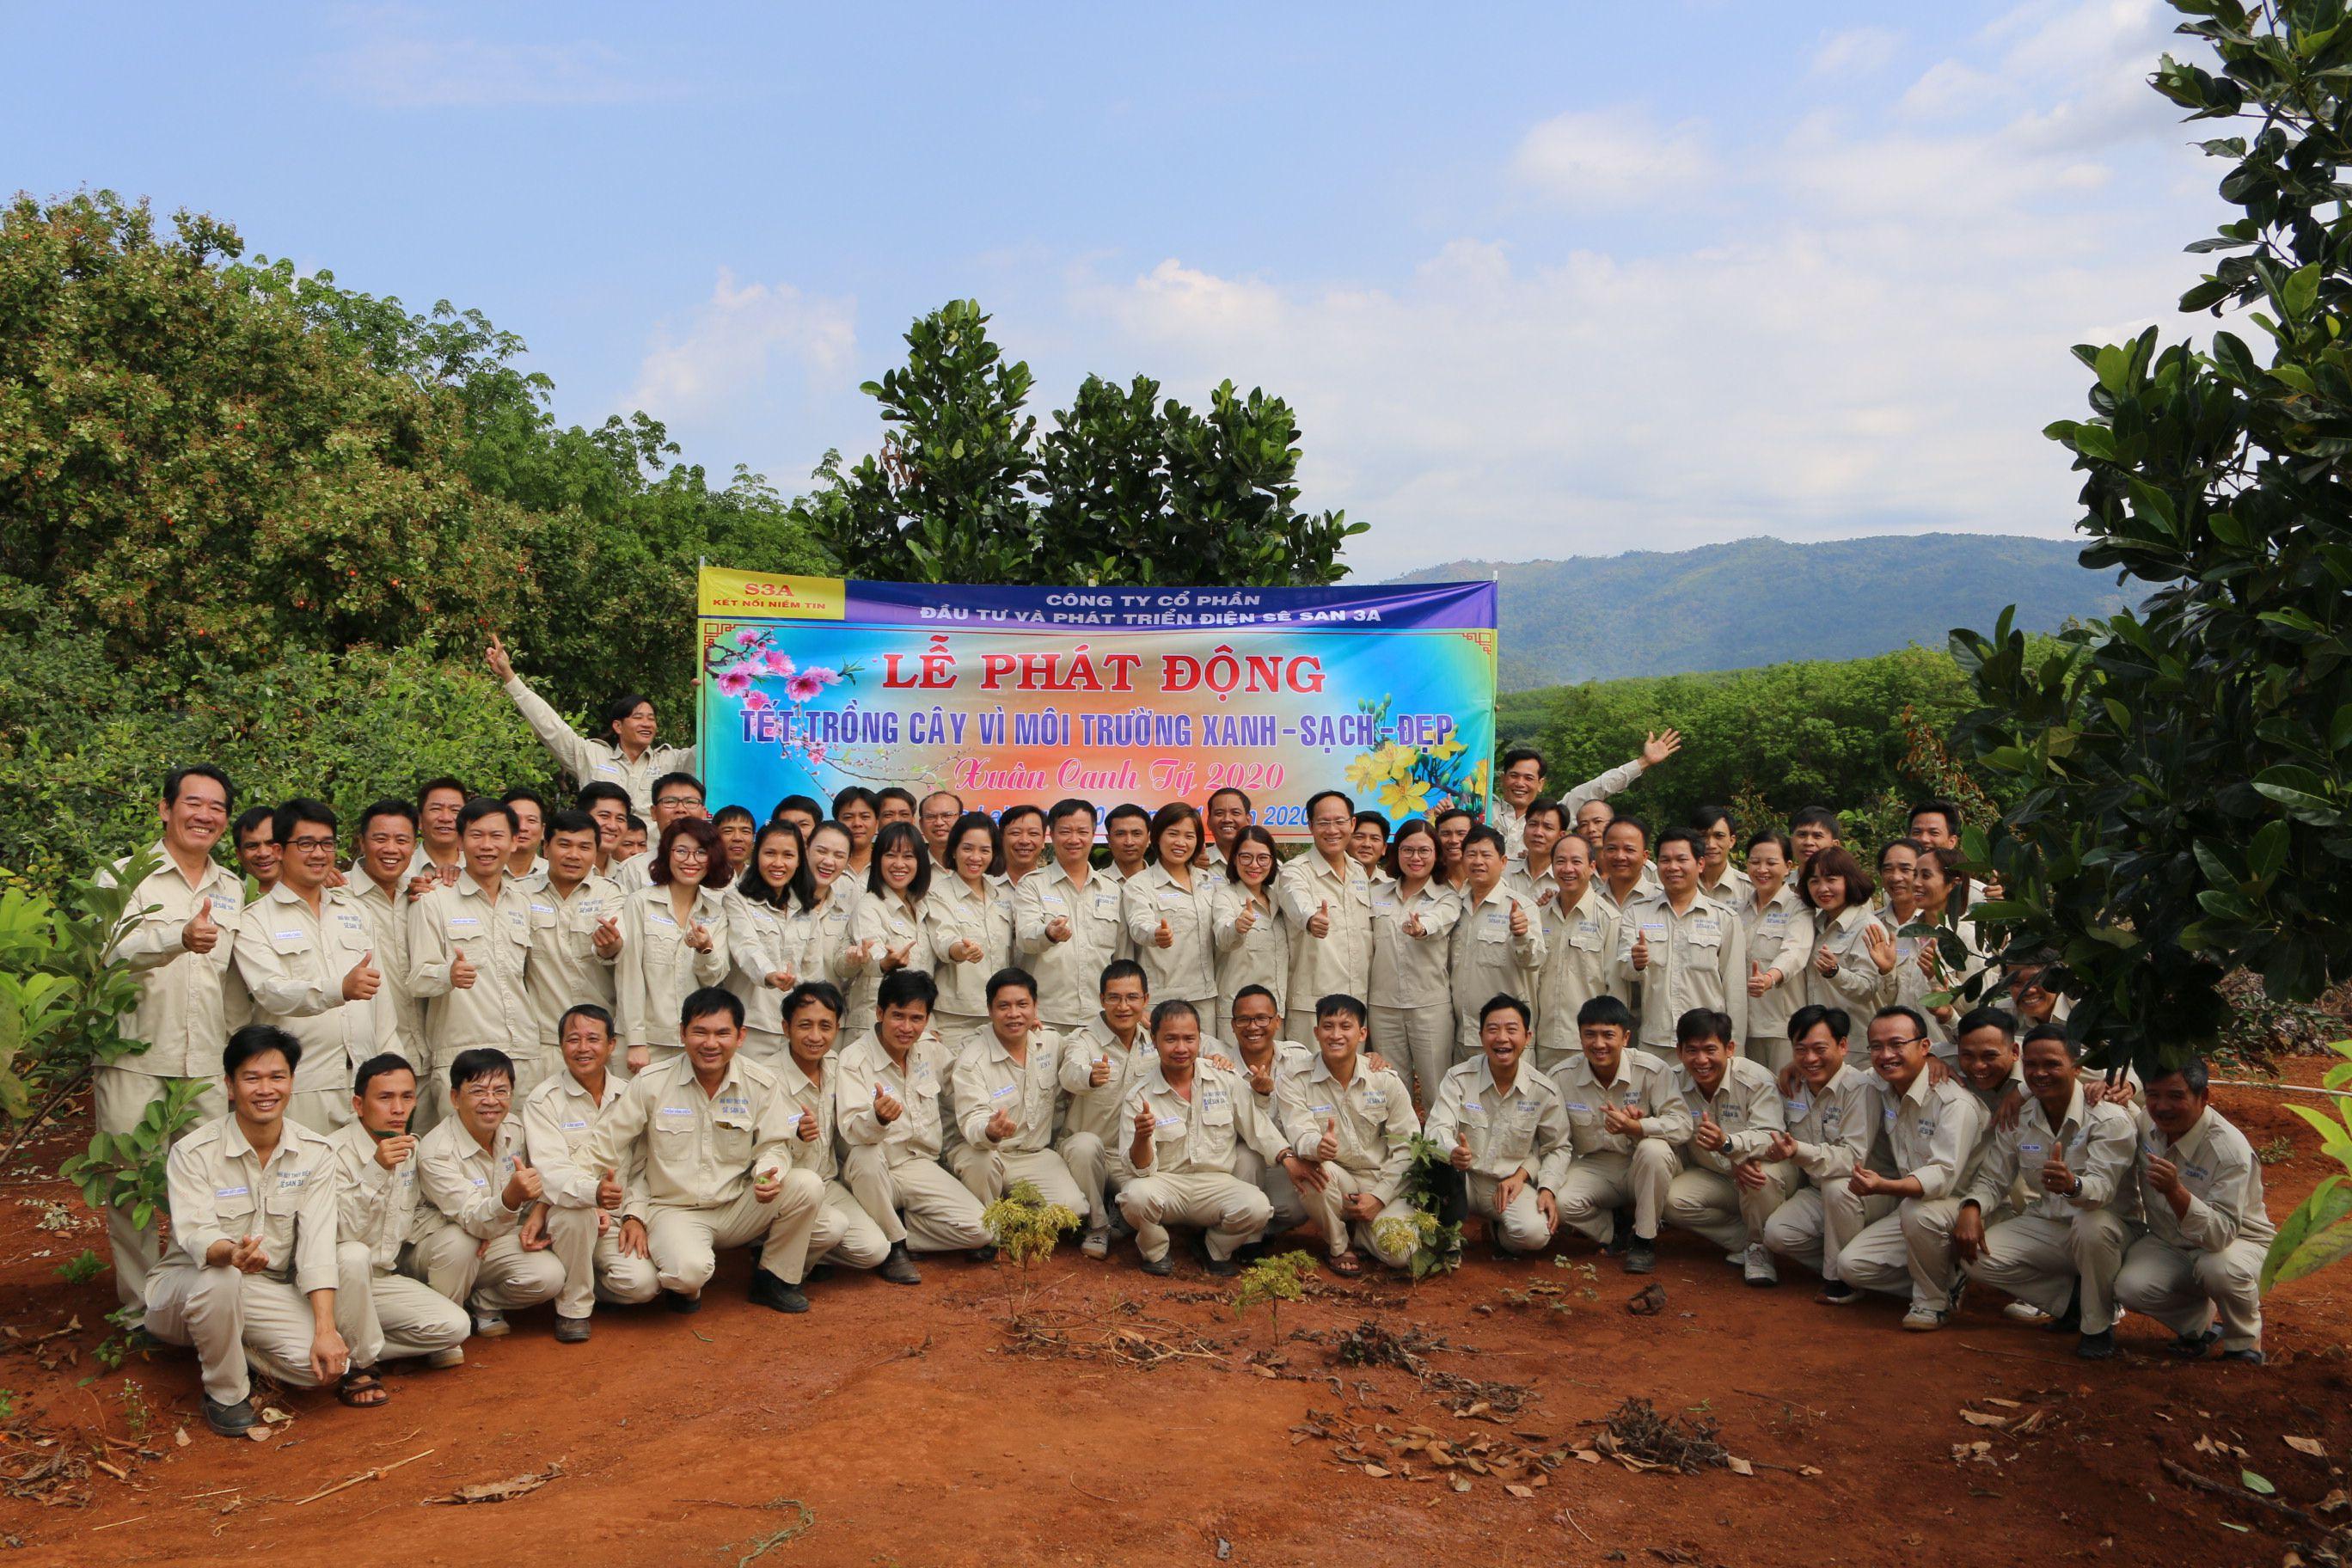 Tết trồng cây 2020